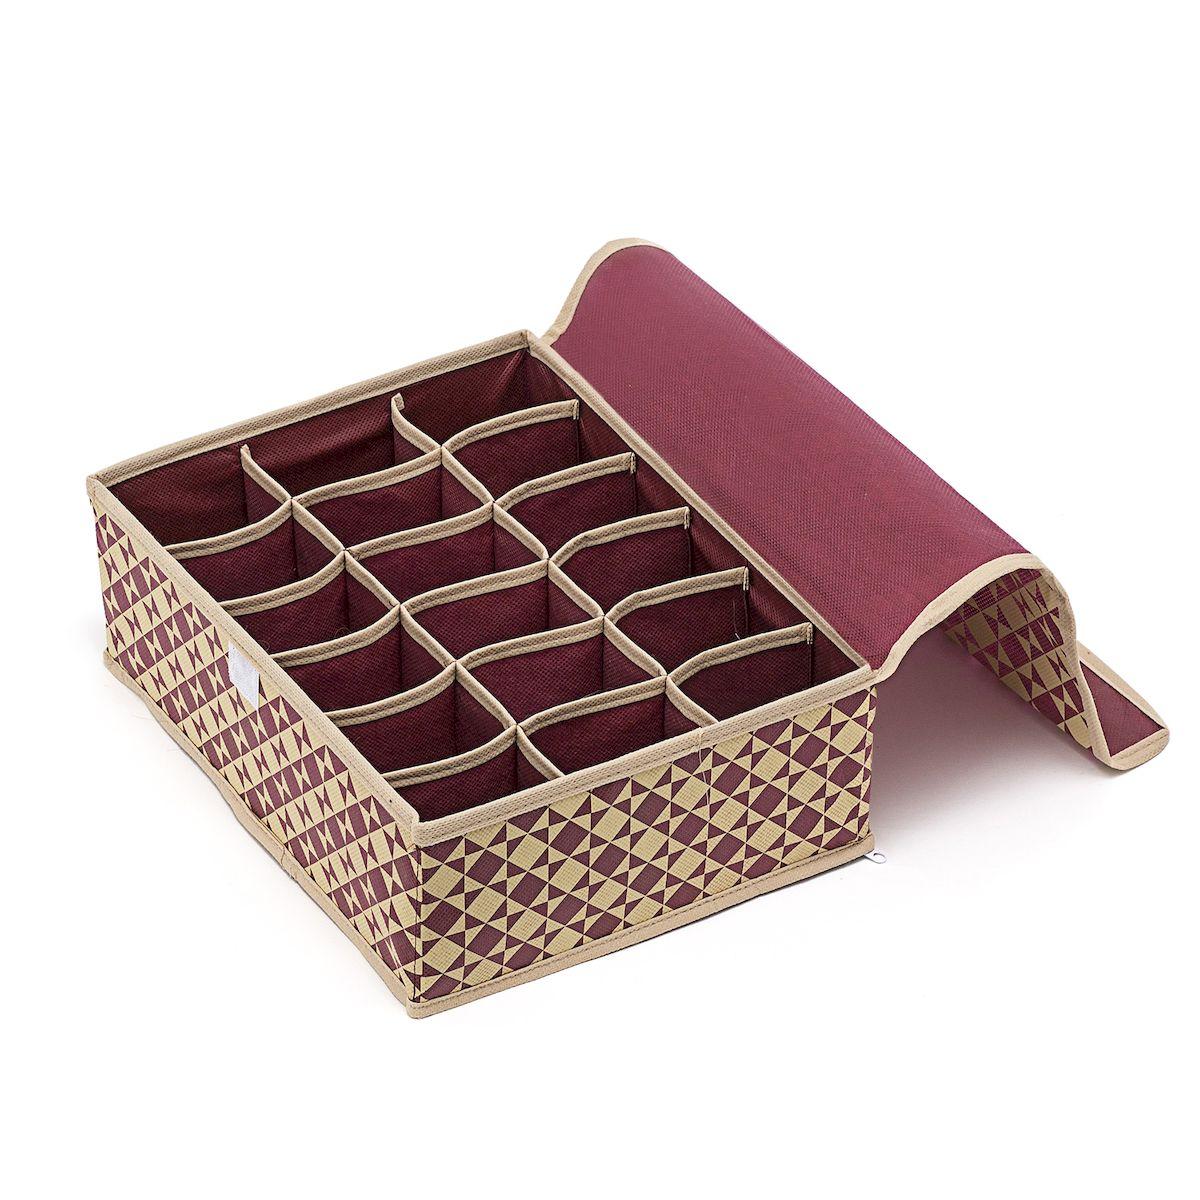 Органайзер для хранения вещей Homsu Bordo, 18 секций, 31 х 24 х 11 смHOM-391Компактный складной органайзер Homsu Bordo изготовлен из высококачественного полиэстера, который обеспечивает естественную вентиляцию. Материал позволяет воздуху свободно проникать внутрь, но не пропускает пыль. Органайзер отлично держит форму, благодаря вставкам из плотного картона. Изделие имеет 18 квадратных секций для хранения нижнего белья, колготок, носков и другой одежды. Закрывается крышкой на молнии. Такой органайзер позволит вам хранить вещи компактно и удобно, а оригинальный дизайн сделает вашу гардеробную красивой и невероятно стильной.